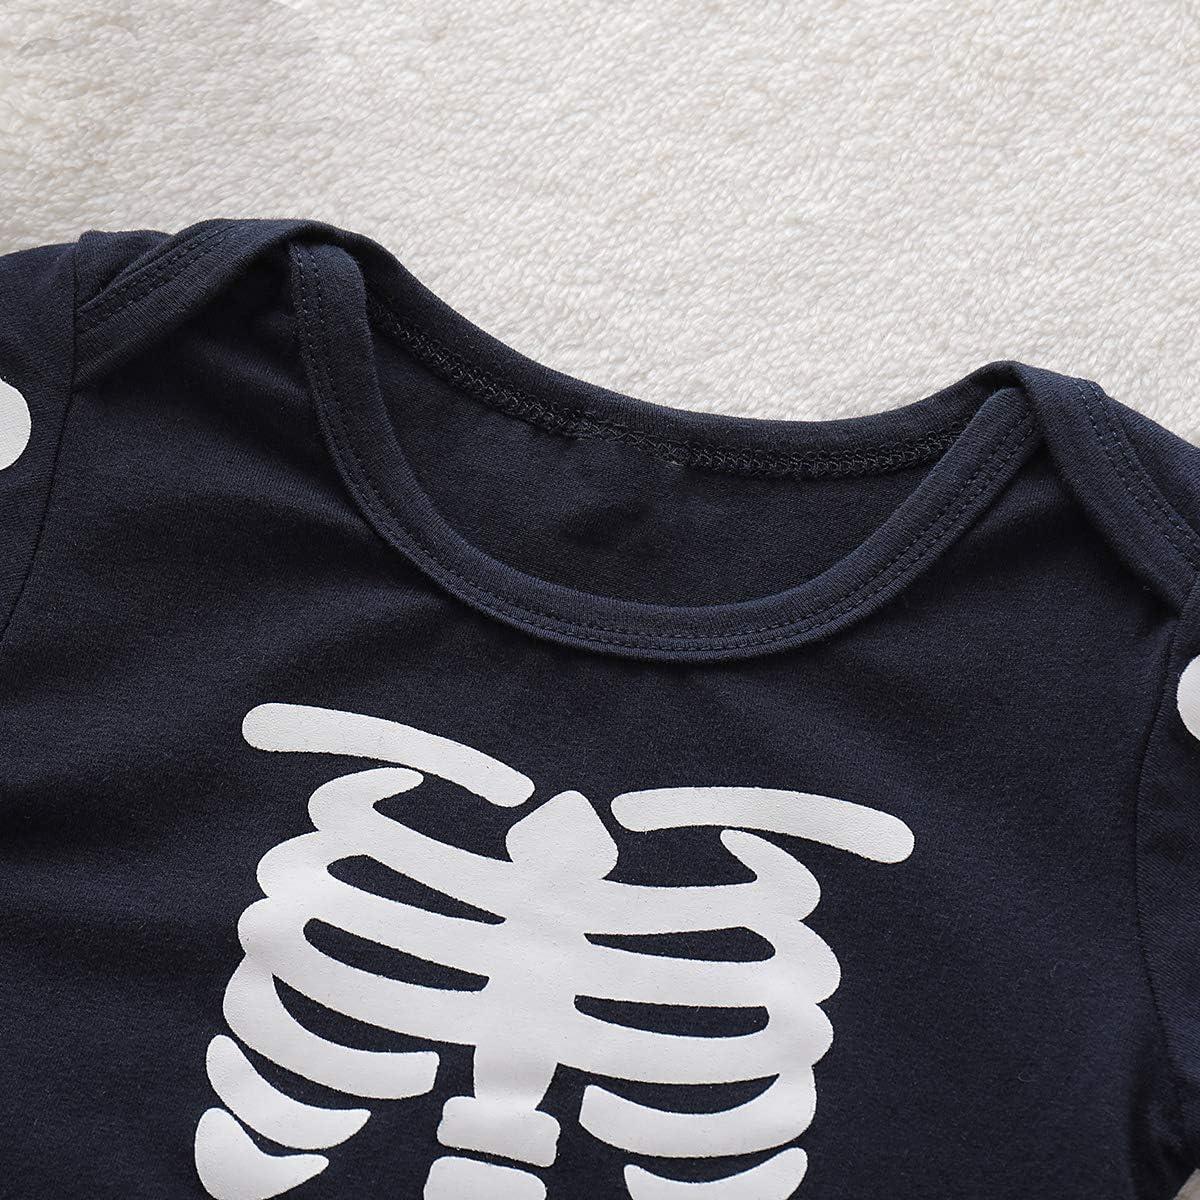 Haokaini Completi per Halloween Baby Girls Skull Skeleton Pagliaccetto Gonna Scaldamuscoli per Bambino